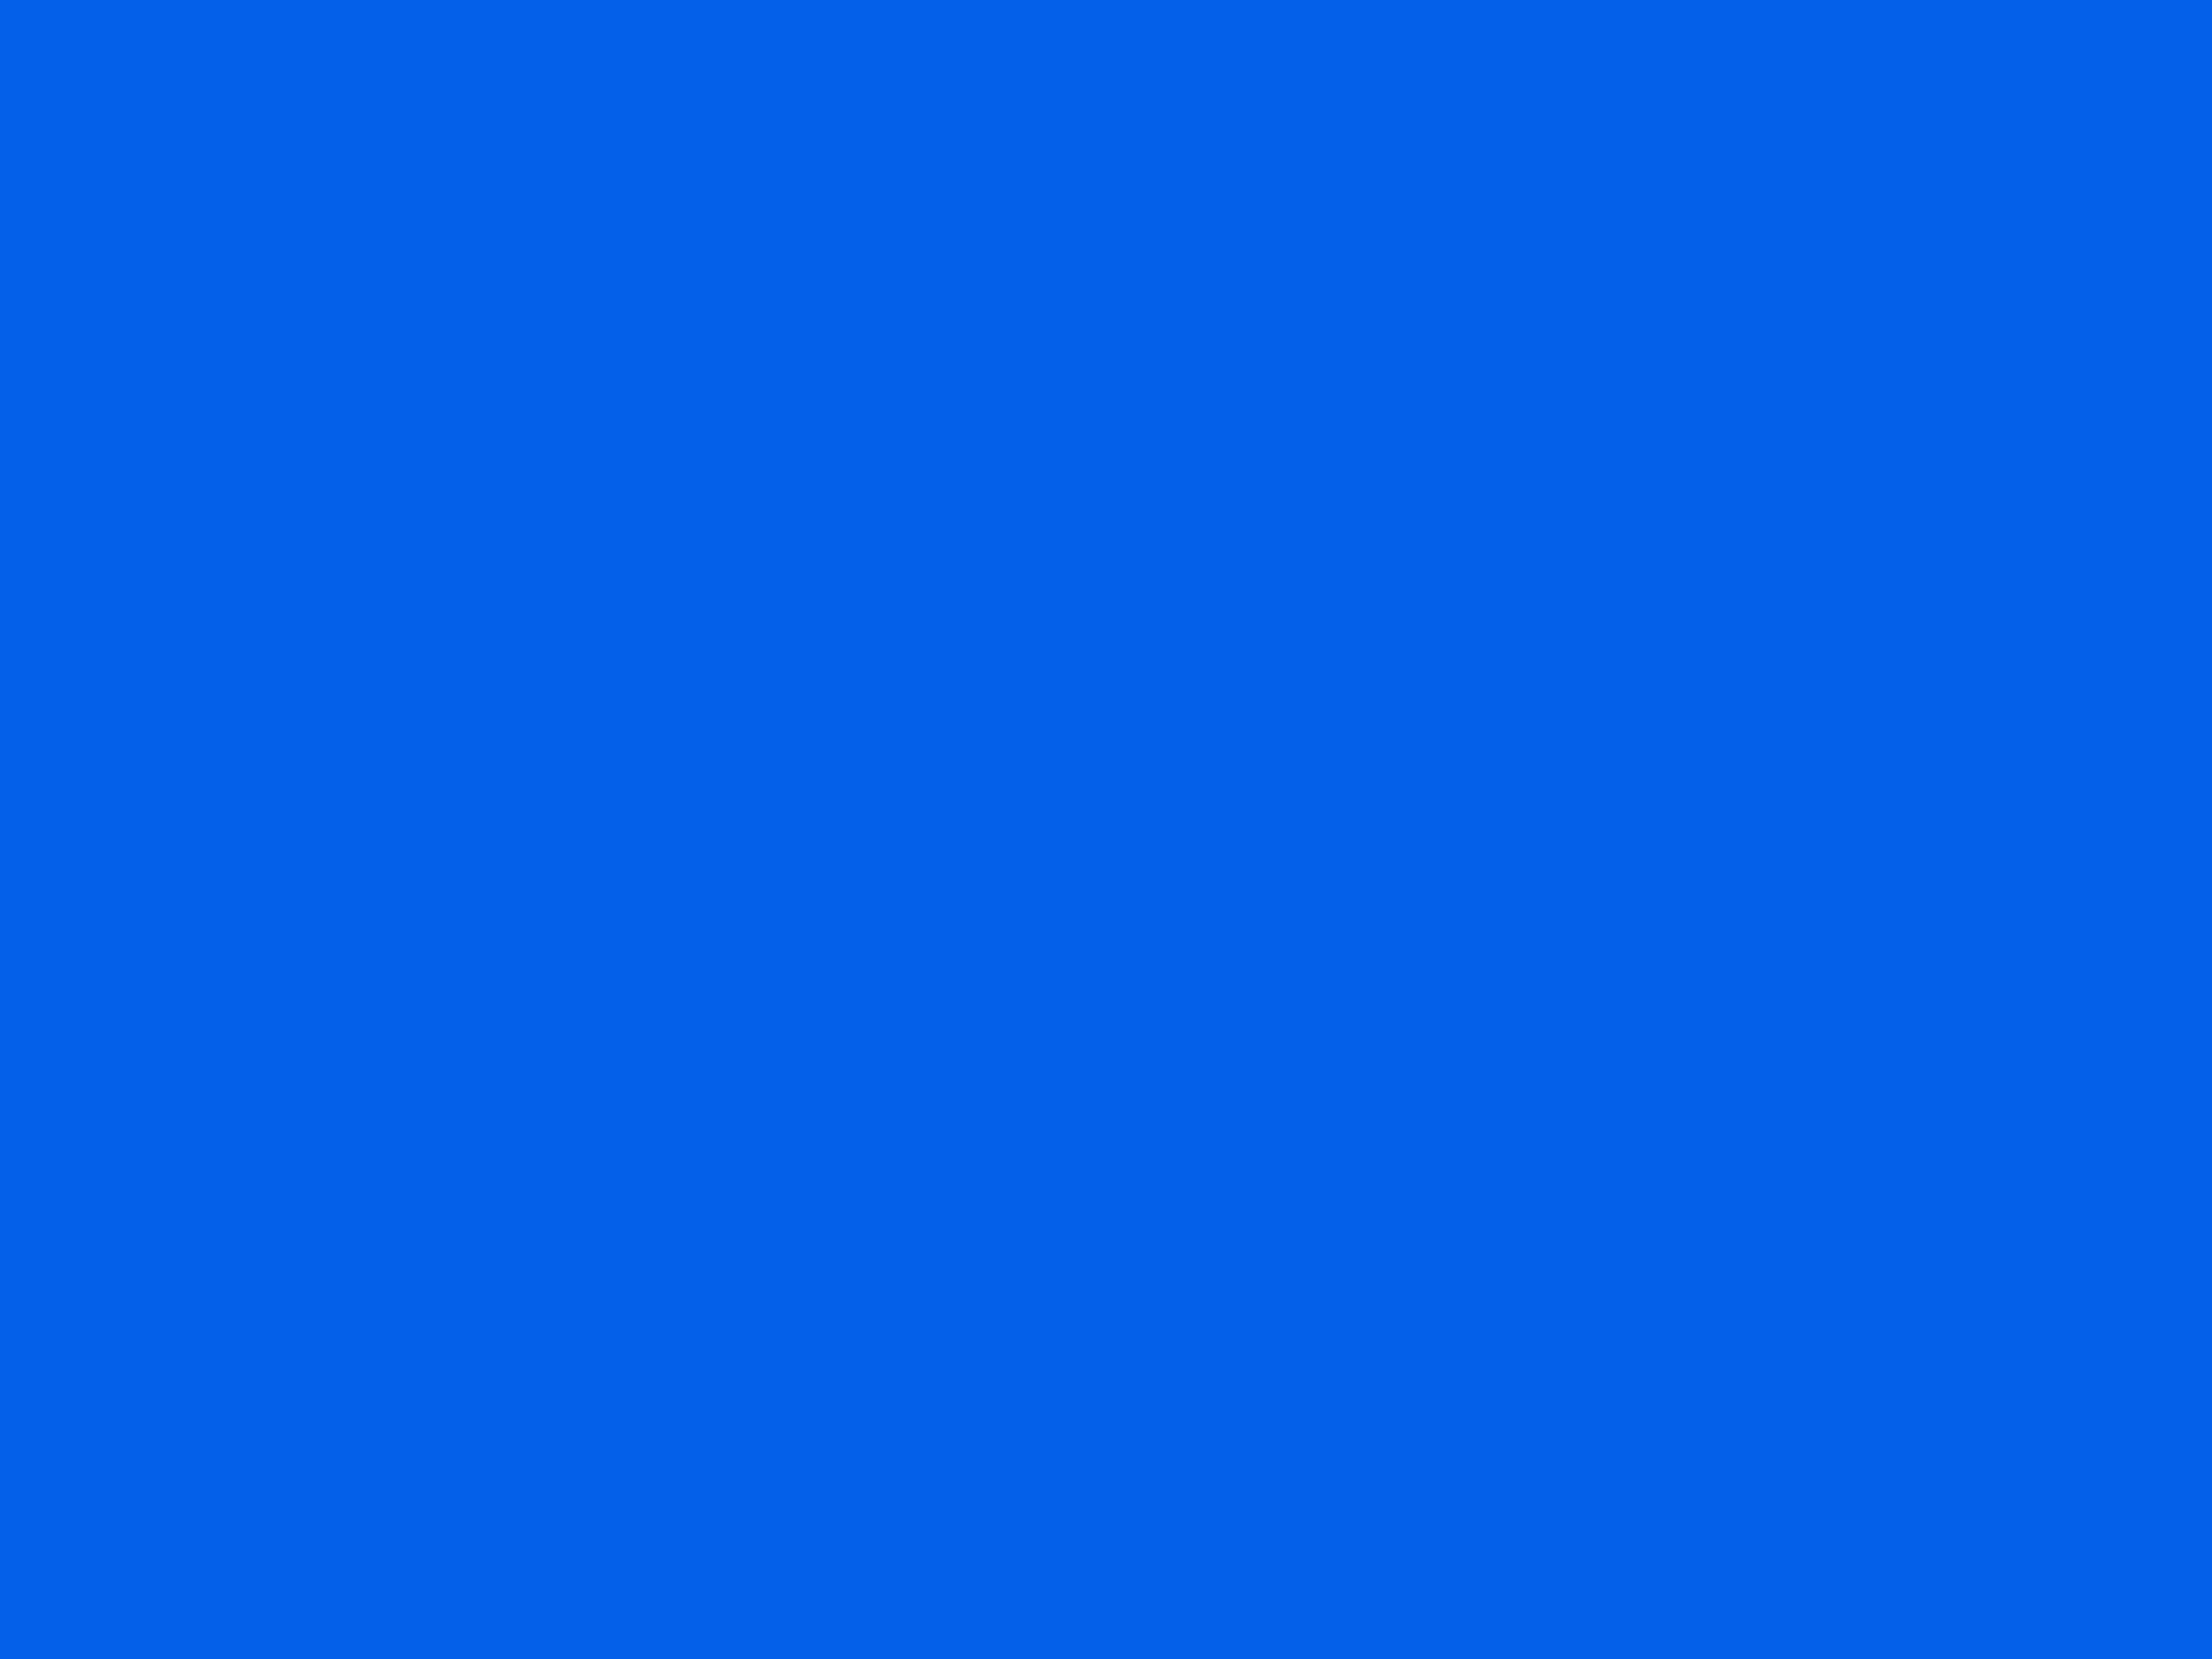 joshua-elliott-real-estate-blue-placeholder.jpg